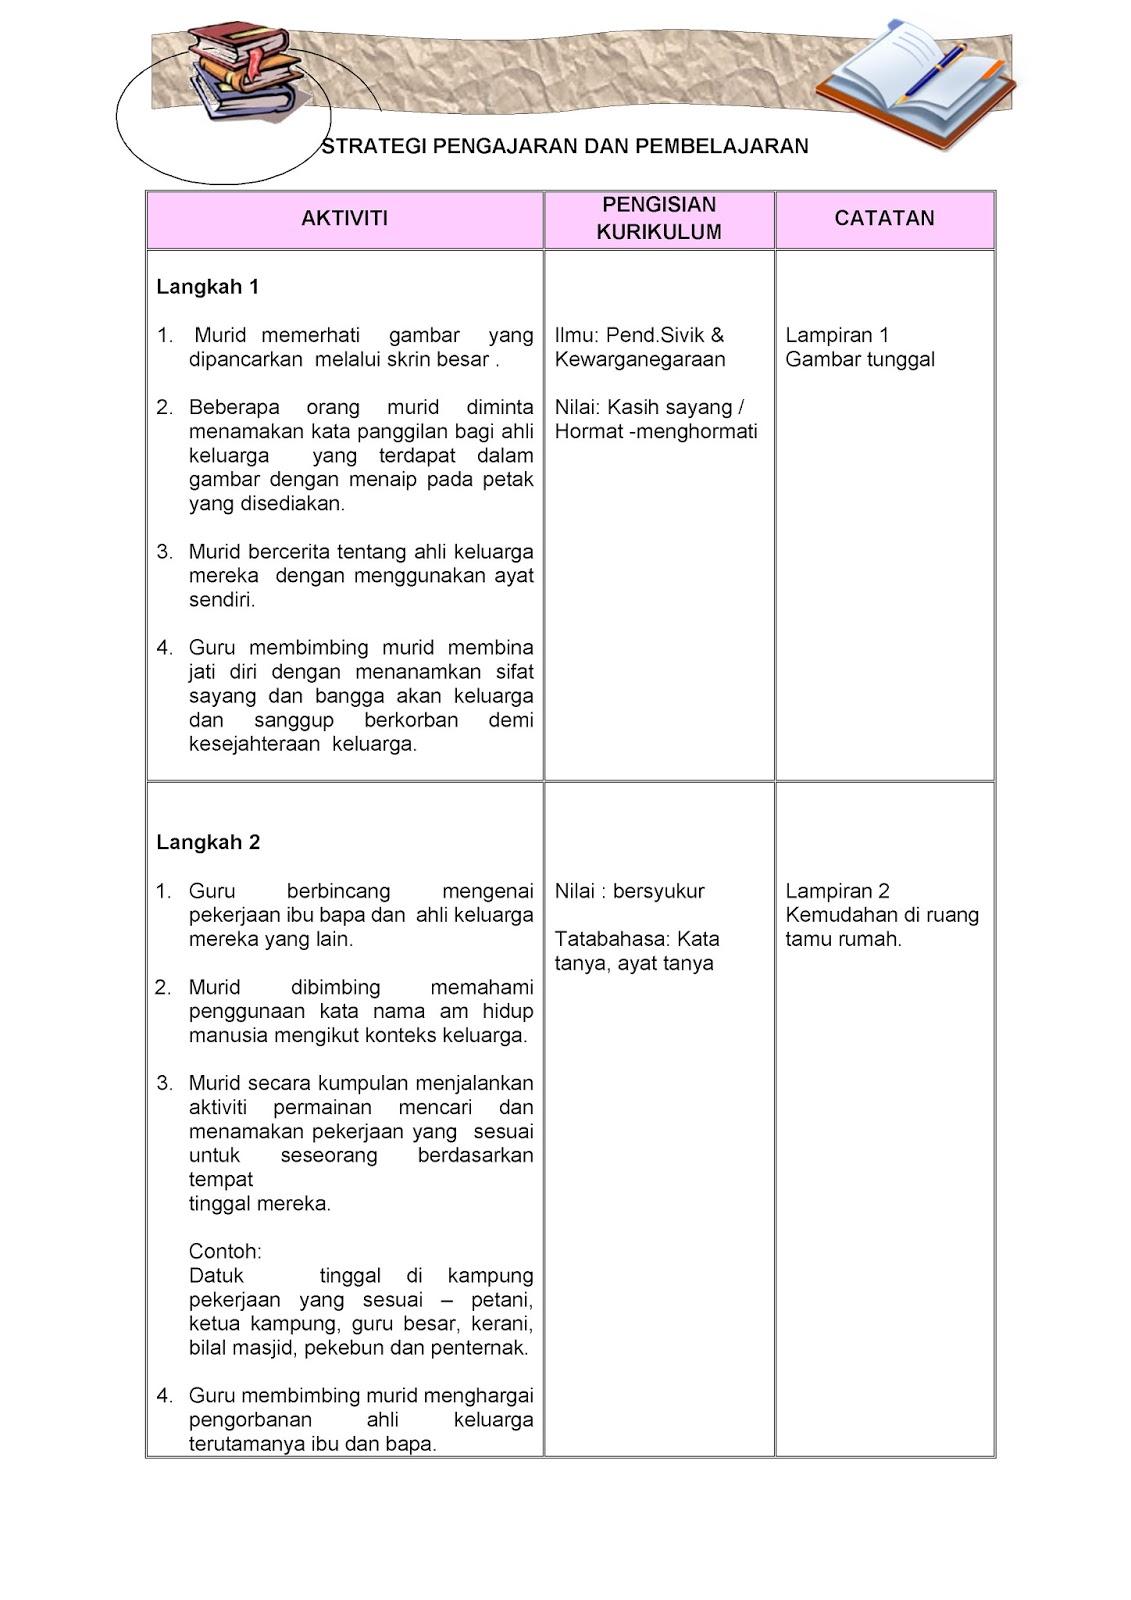 Rancangan Pengajaran Harian Rph Kurikulum Standard Sekolah Rendah Kssr Bahasa Melayu Malaysia Bm Tahun 2 Aspek Tatabahasa Golongan Kata Kata Nama Am Hidup Manusia